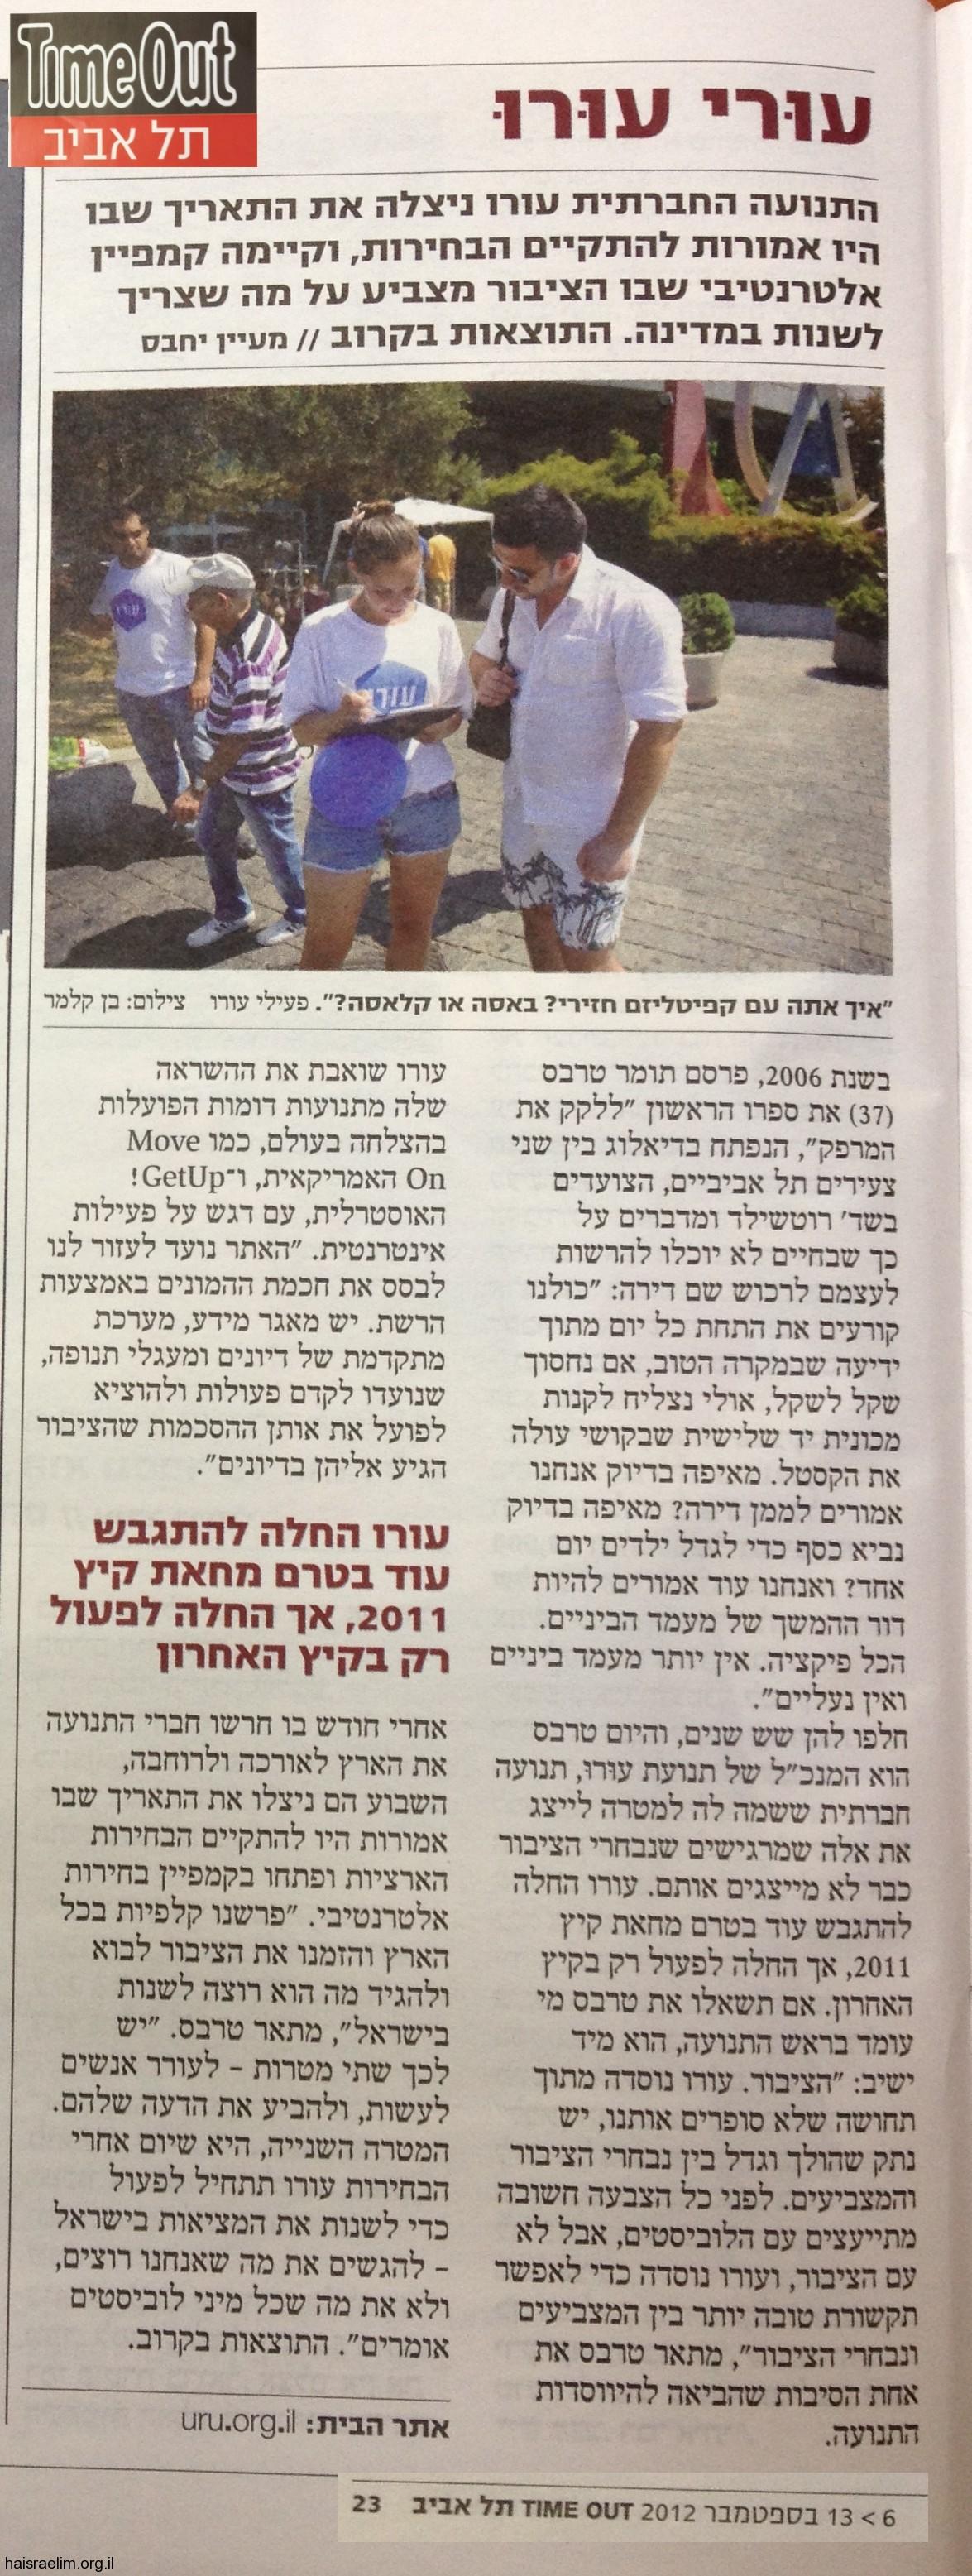 עורי עורו - טיימאאוט תל אביב 6.9.2012